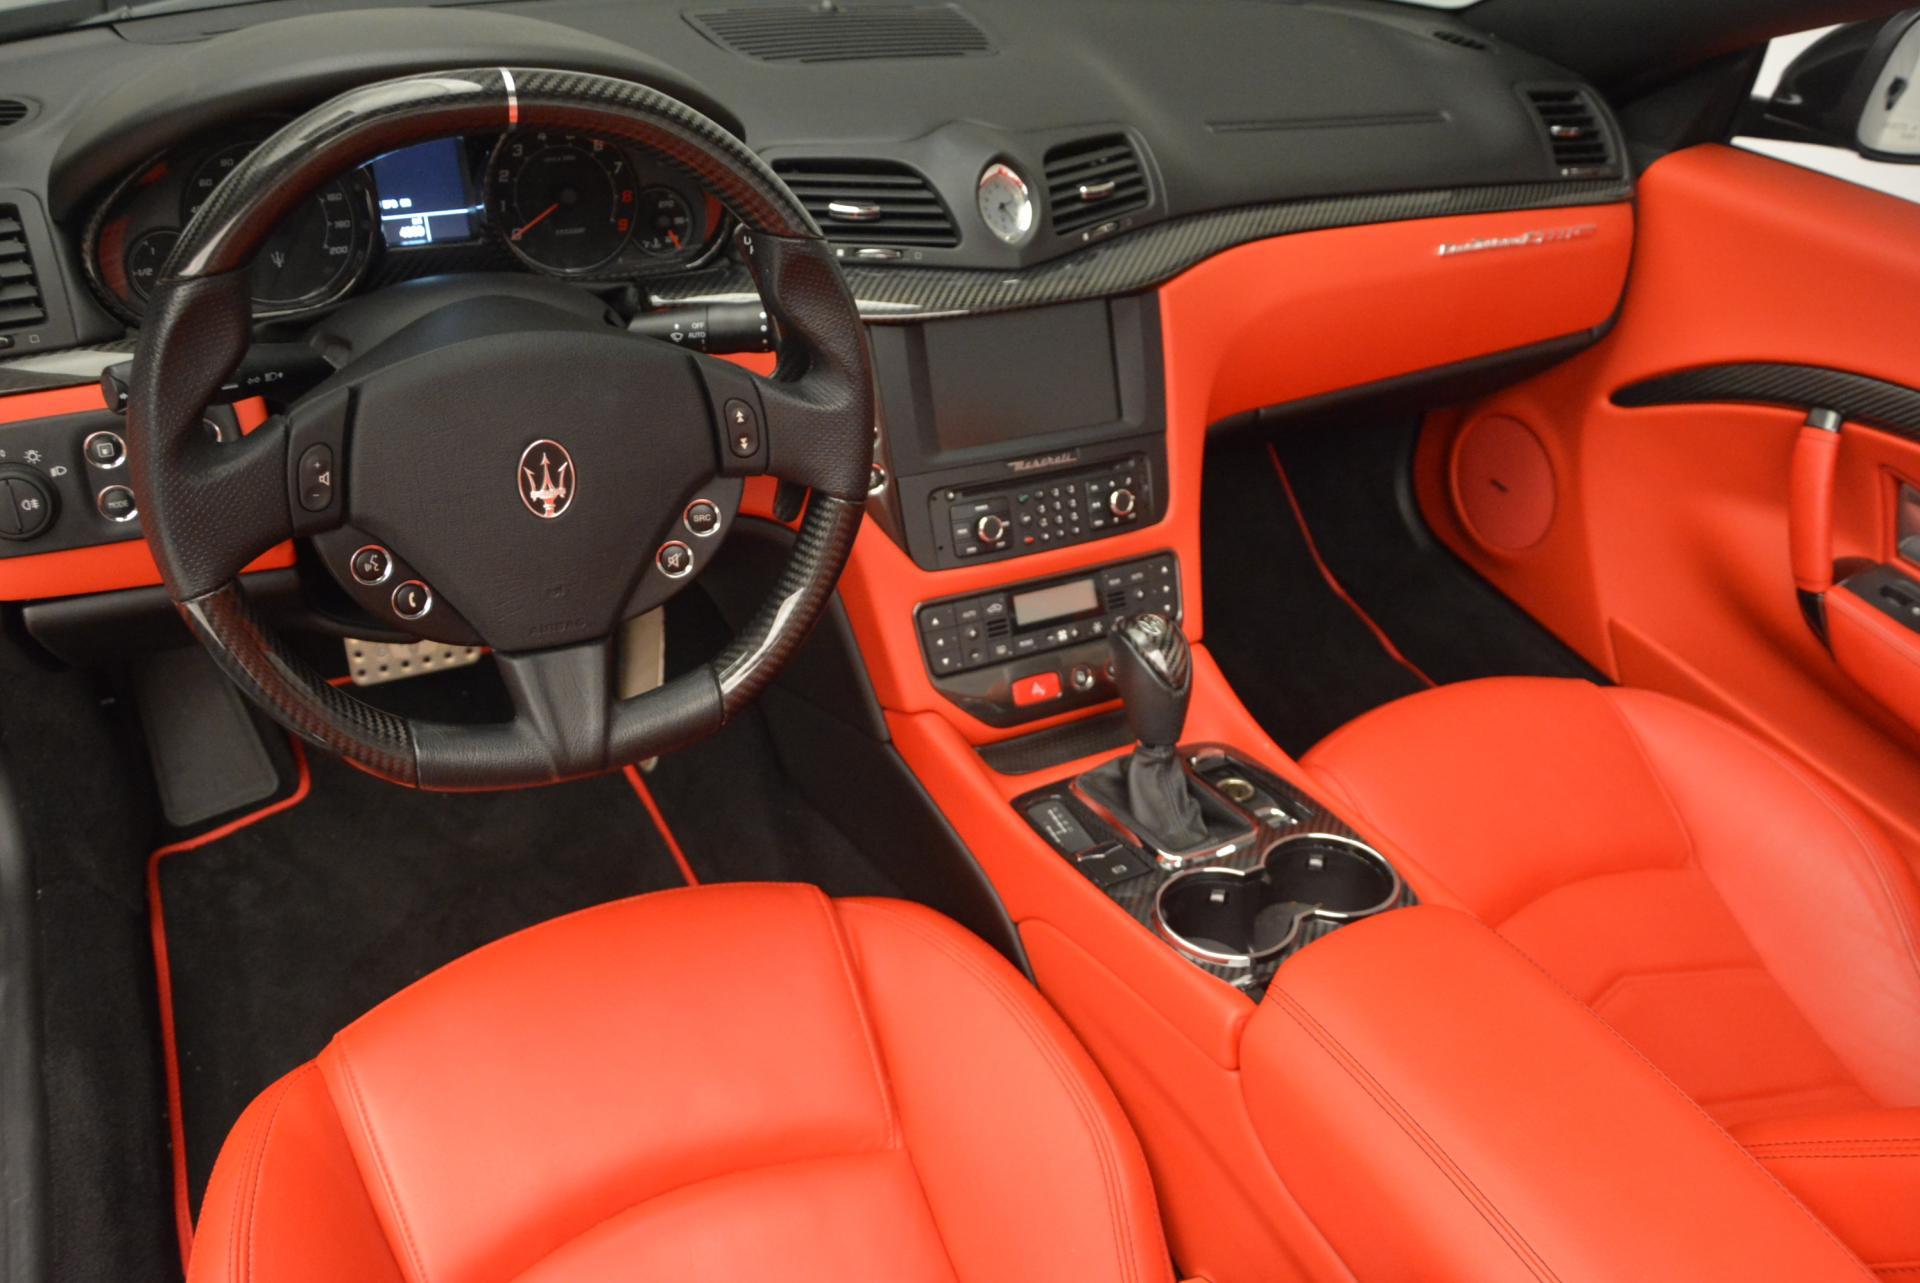 Used 2013 Maserati GranTurismo MC For Sale In Greenwich, CT. Alfa Romeo of Greenwich, 7081 521_p22